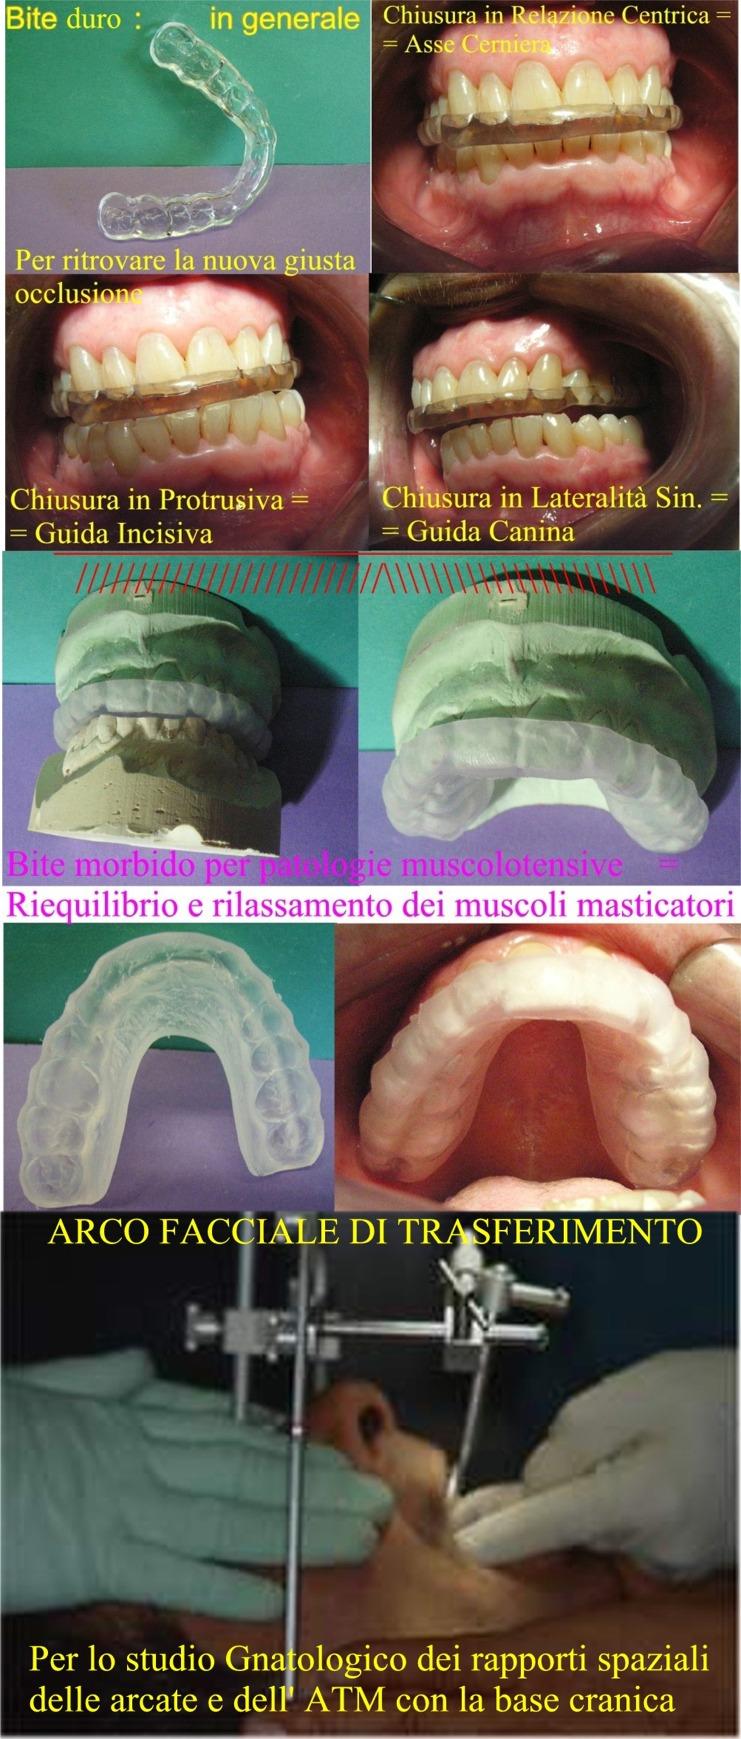 Diversi tipi di Bite con Arco Facciale di trasferimento per articolatore a valore medio da casistica Gnatologica del Dr. Gustavo Petti di Cagliari